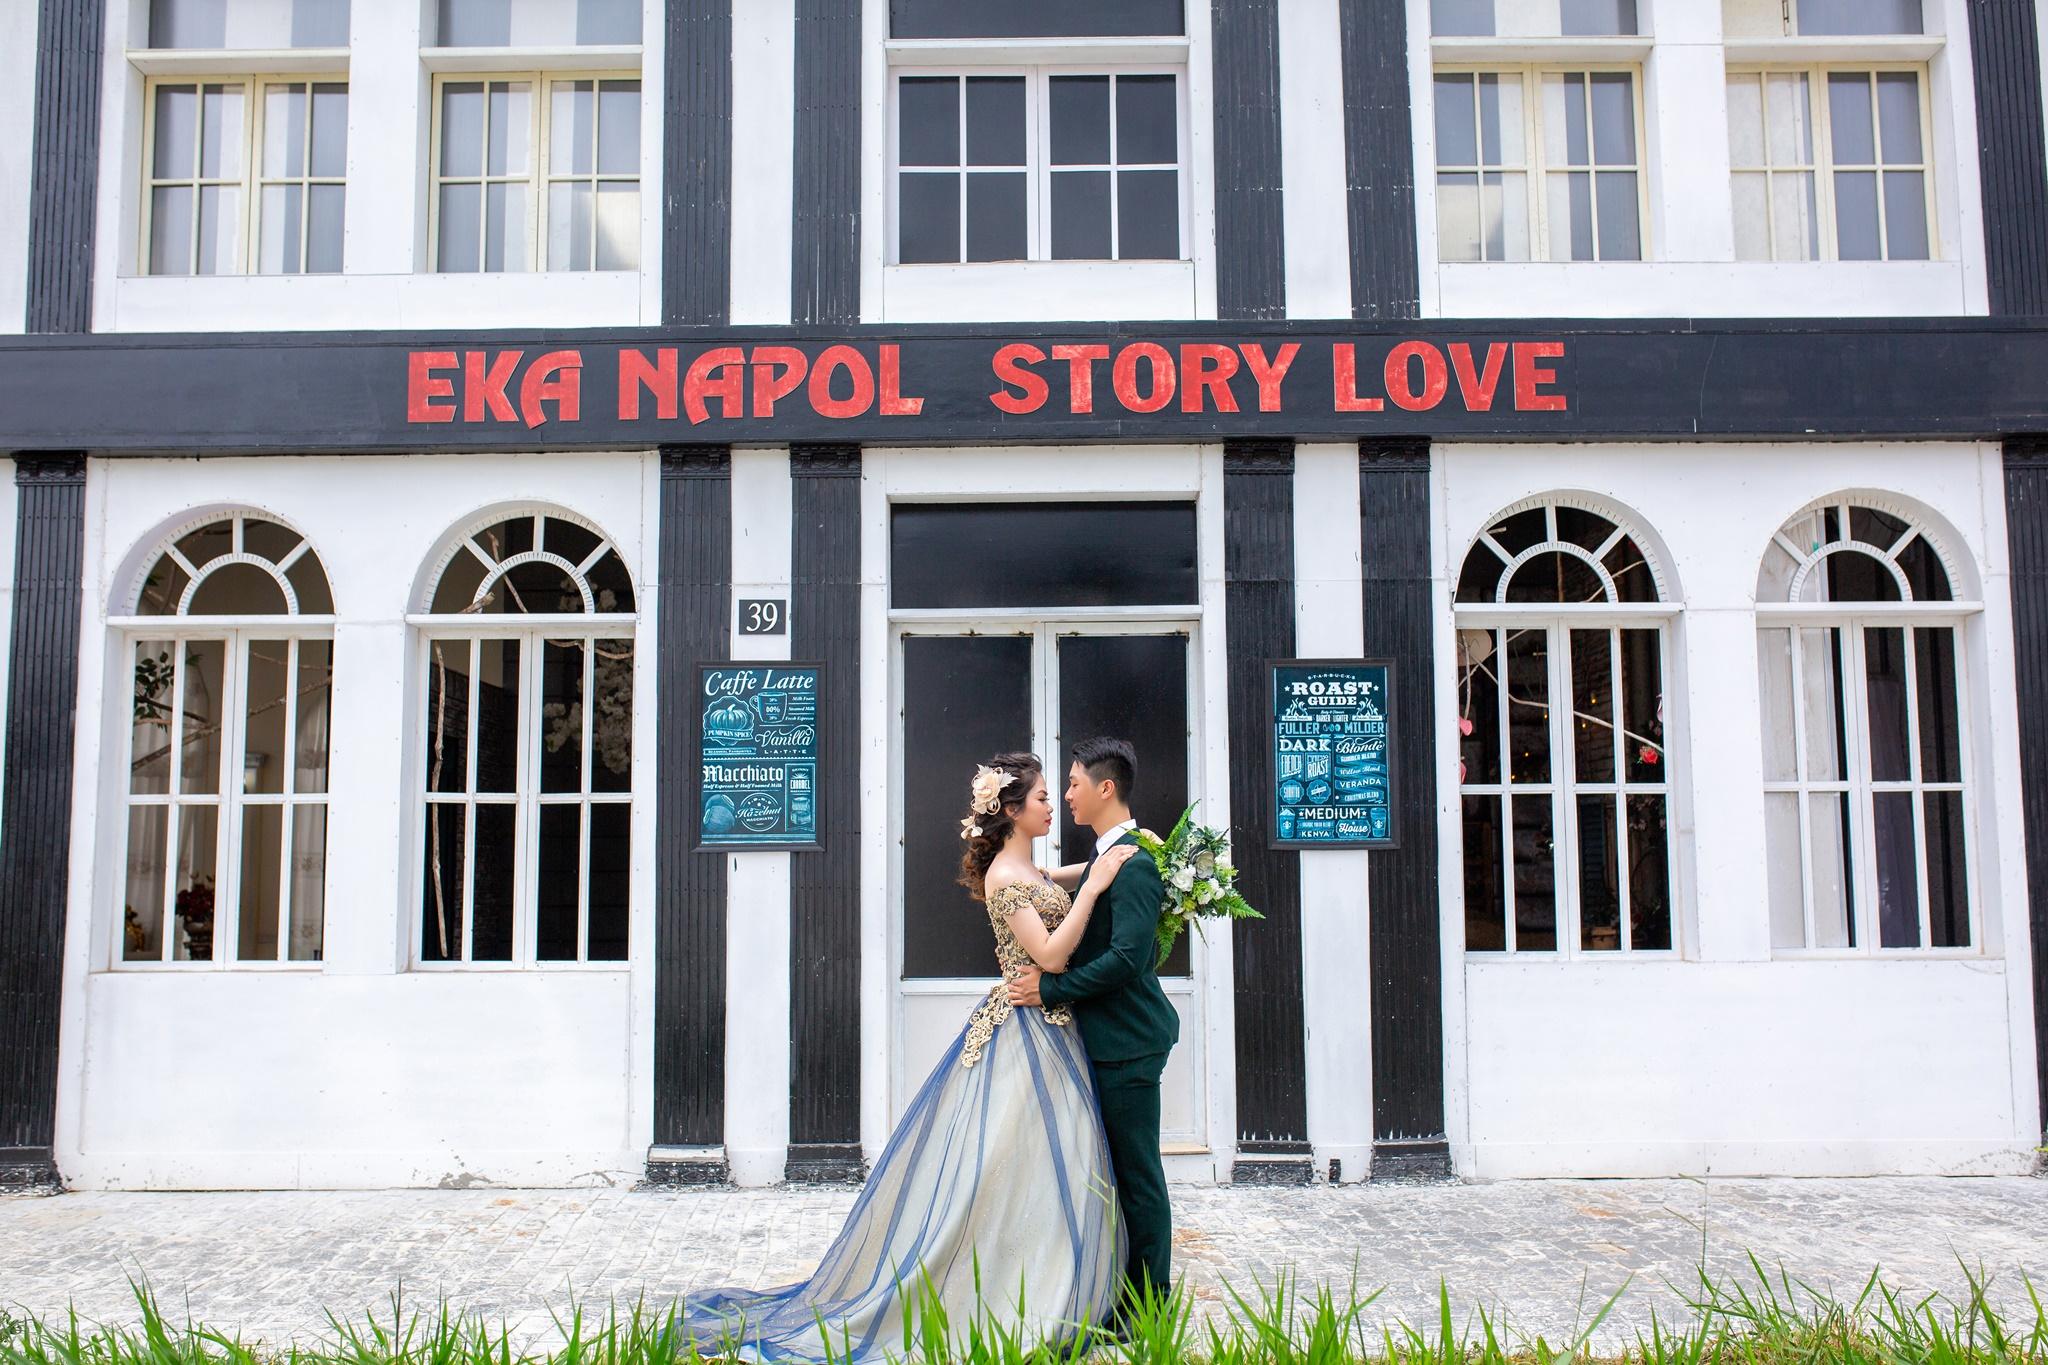 Bản đố phim trường Story Love